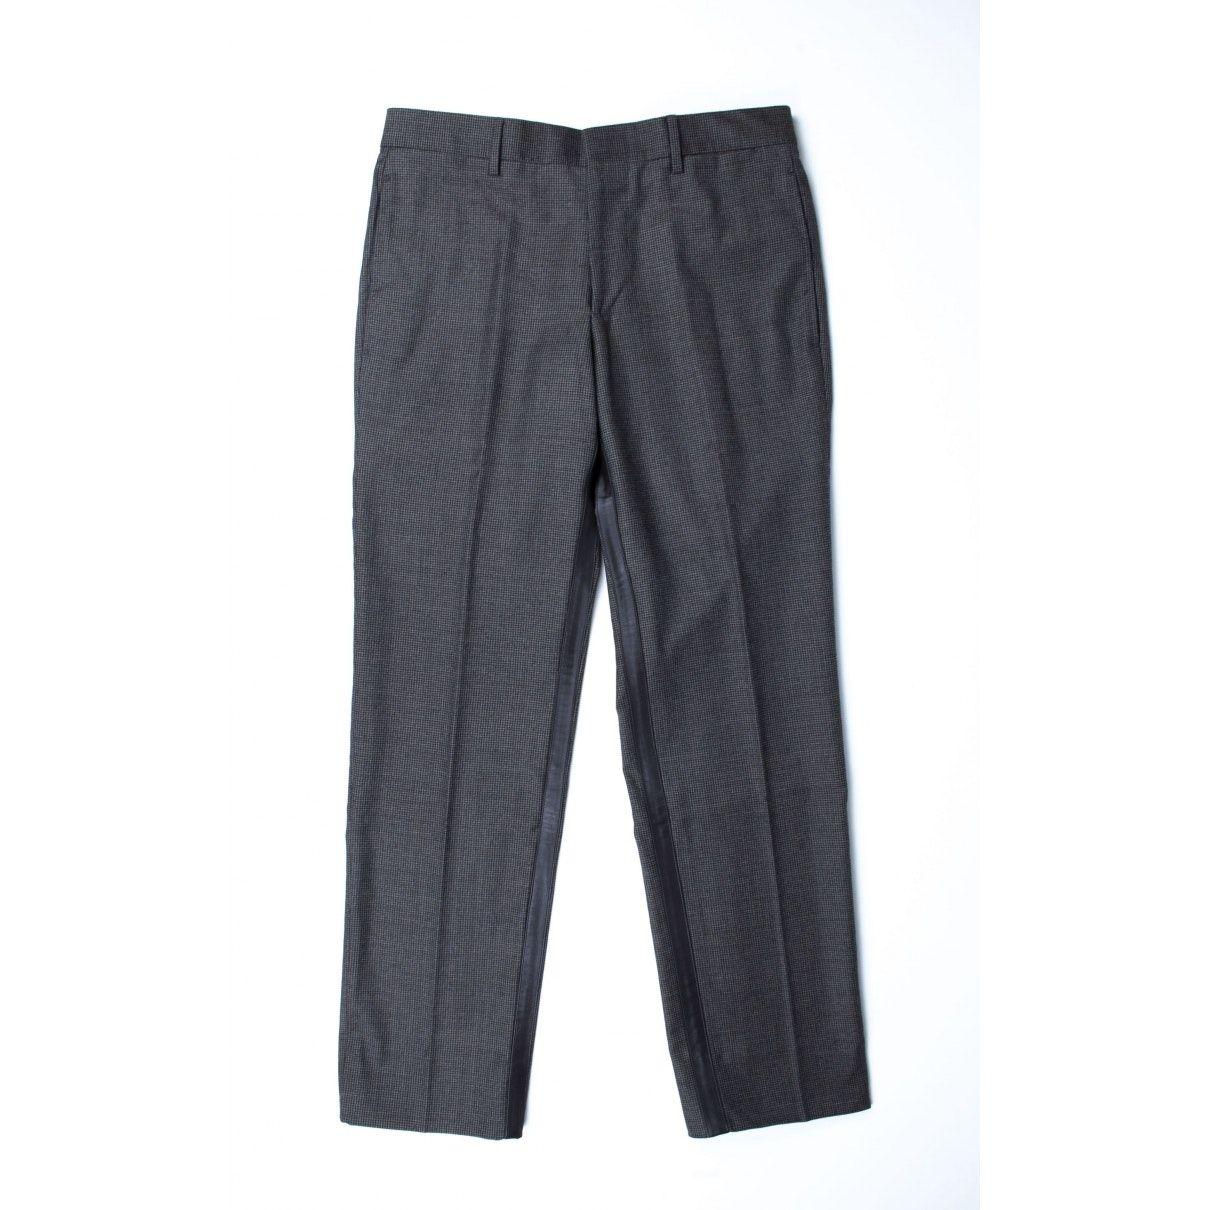 pantalon homme occasion